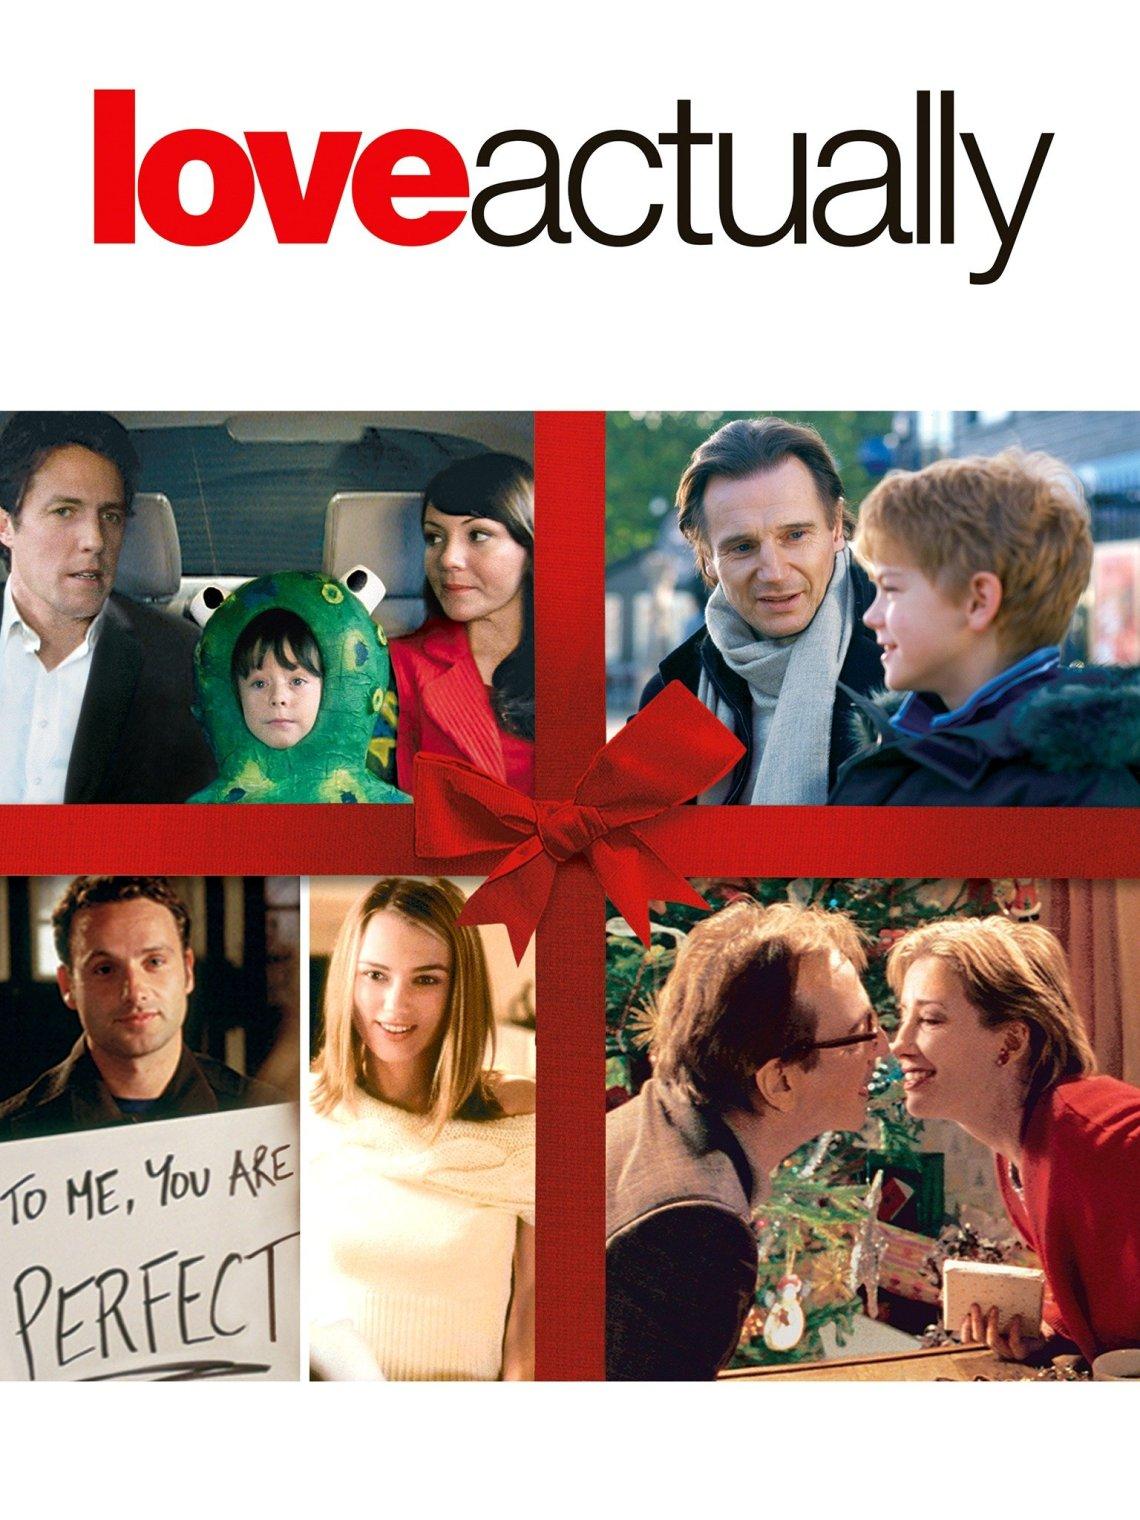 love_actually_2003